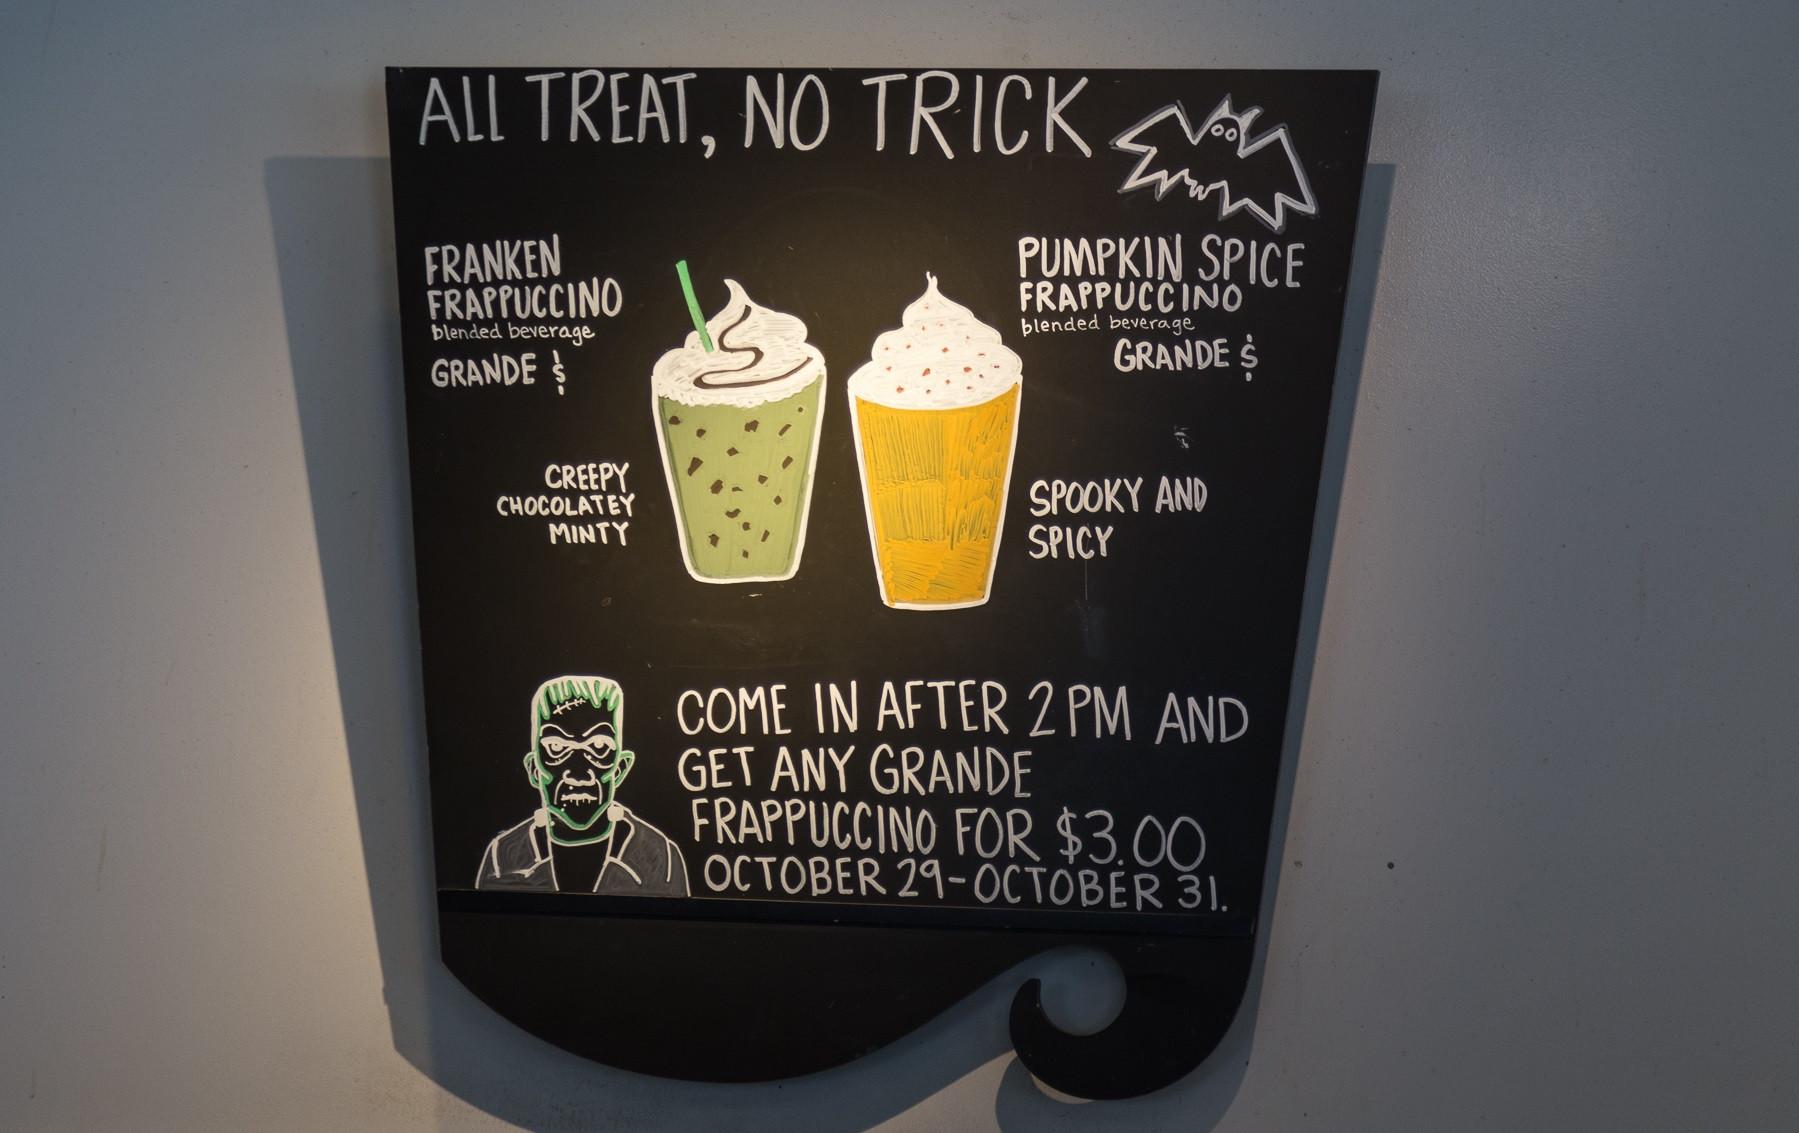 Starbucks Halloween Drinks  This Is The Franken Frappuccino Starbucks Halloween Drink